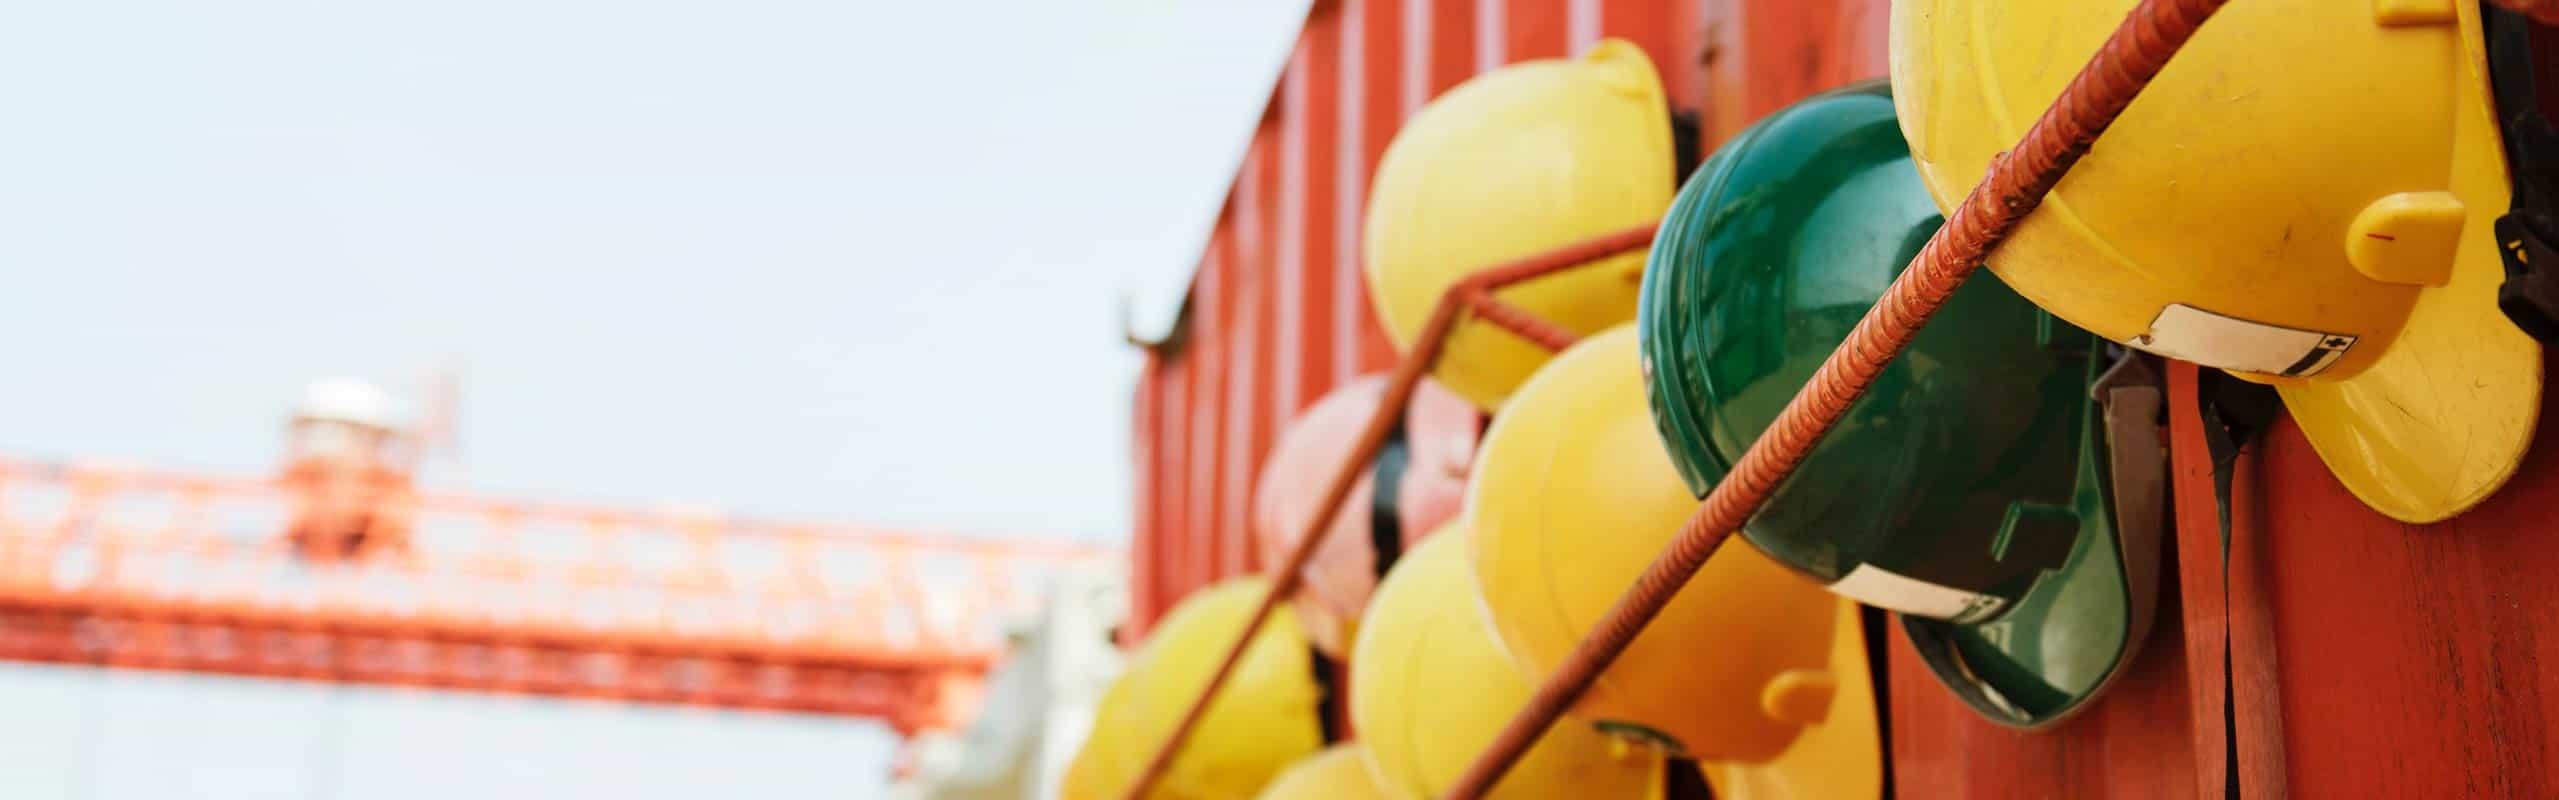 descubre la importancia de los EPIS en la prevención de riesgos laborales